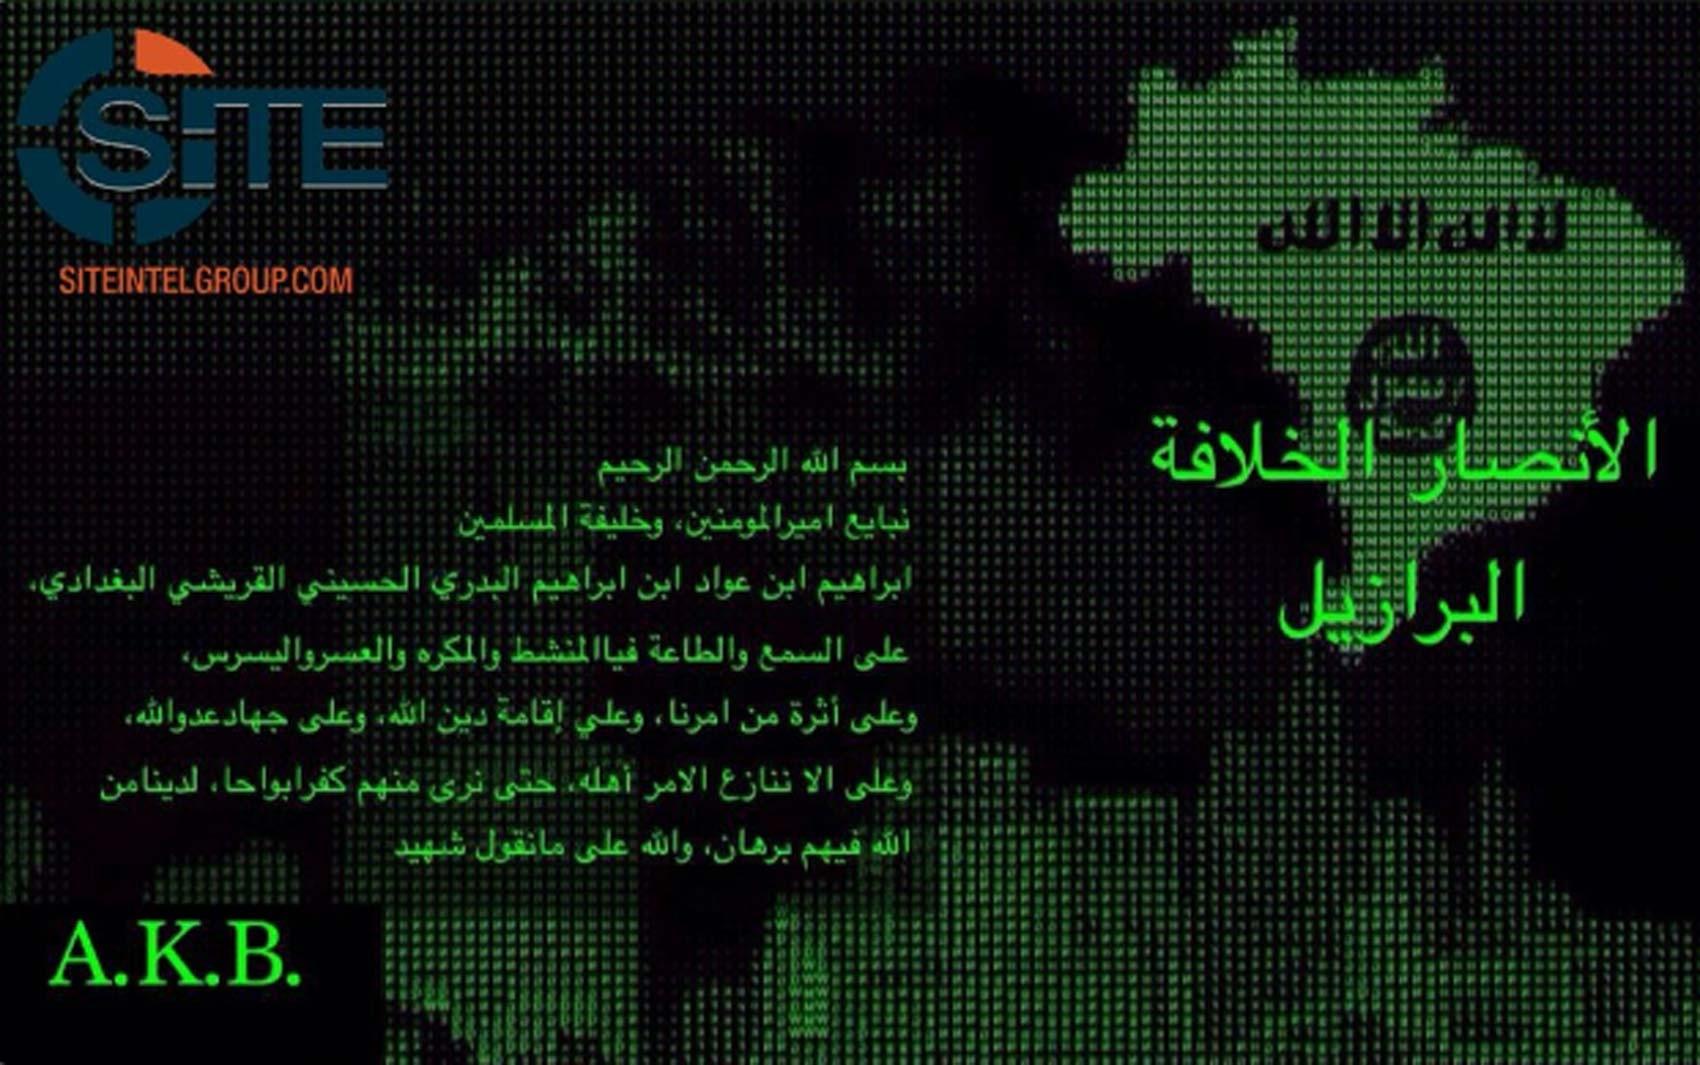 Canal chamado Ansar al-Khilafah Brazil publica mensagem de apoio ao Estado Islâmico no Telegram (Foto: Reprodução/ Twitter/ SITE Intel Group)